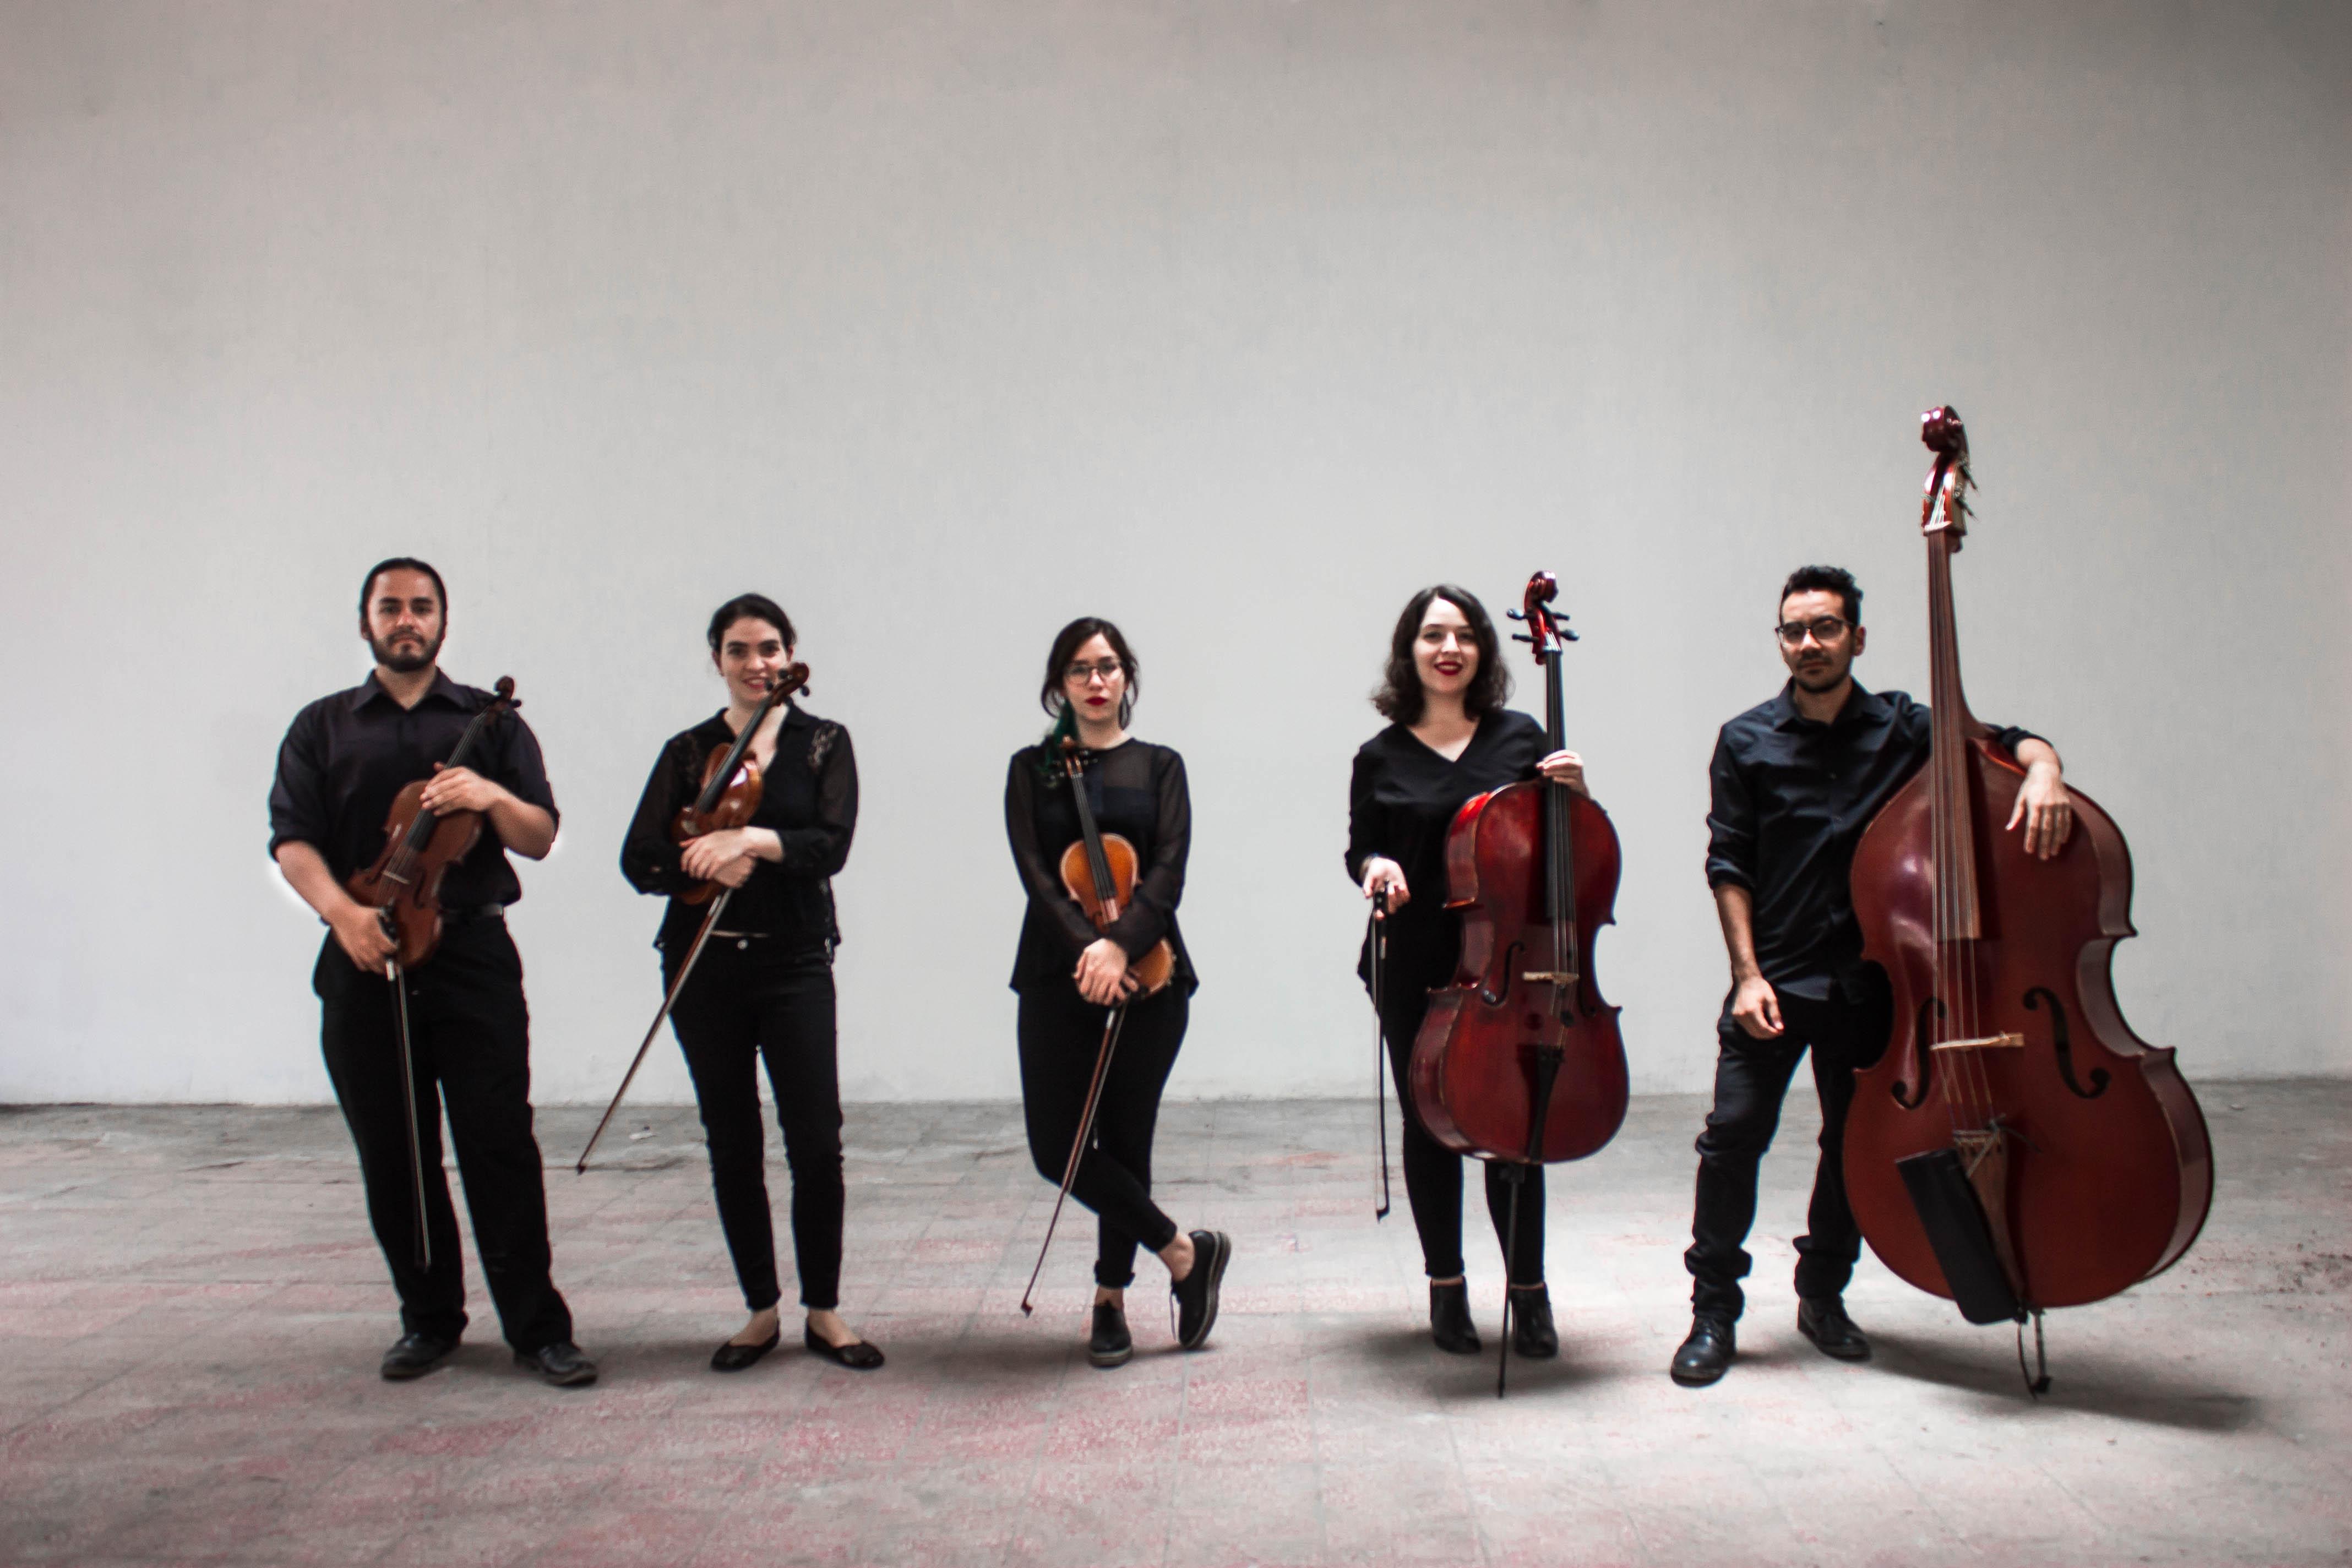 Ensamble Supercluster presentará recital inspirado en Luis Barragán / Centro Cultural Constitución / Auditorio del Instituto Pierre Faure